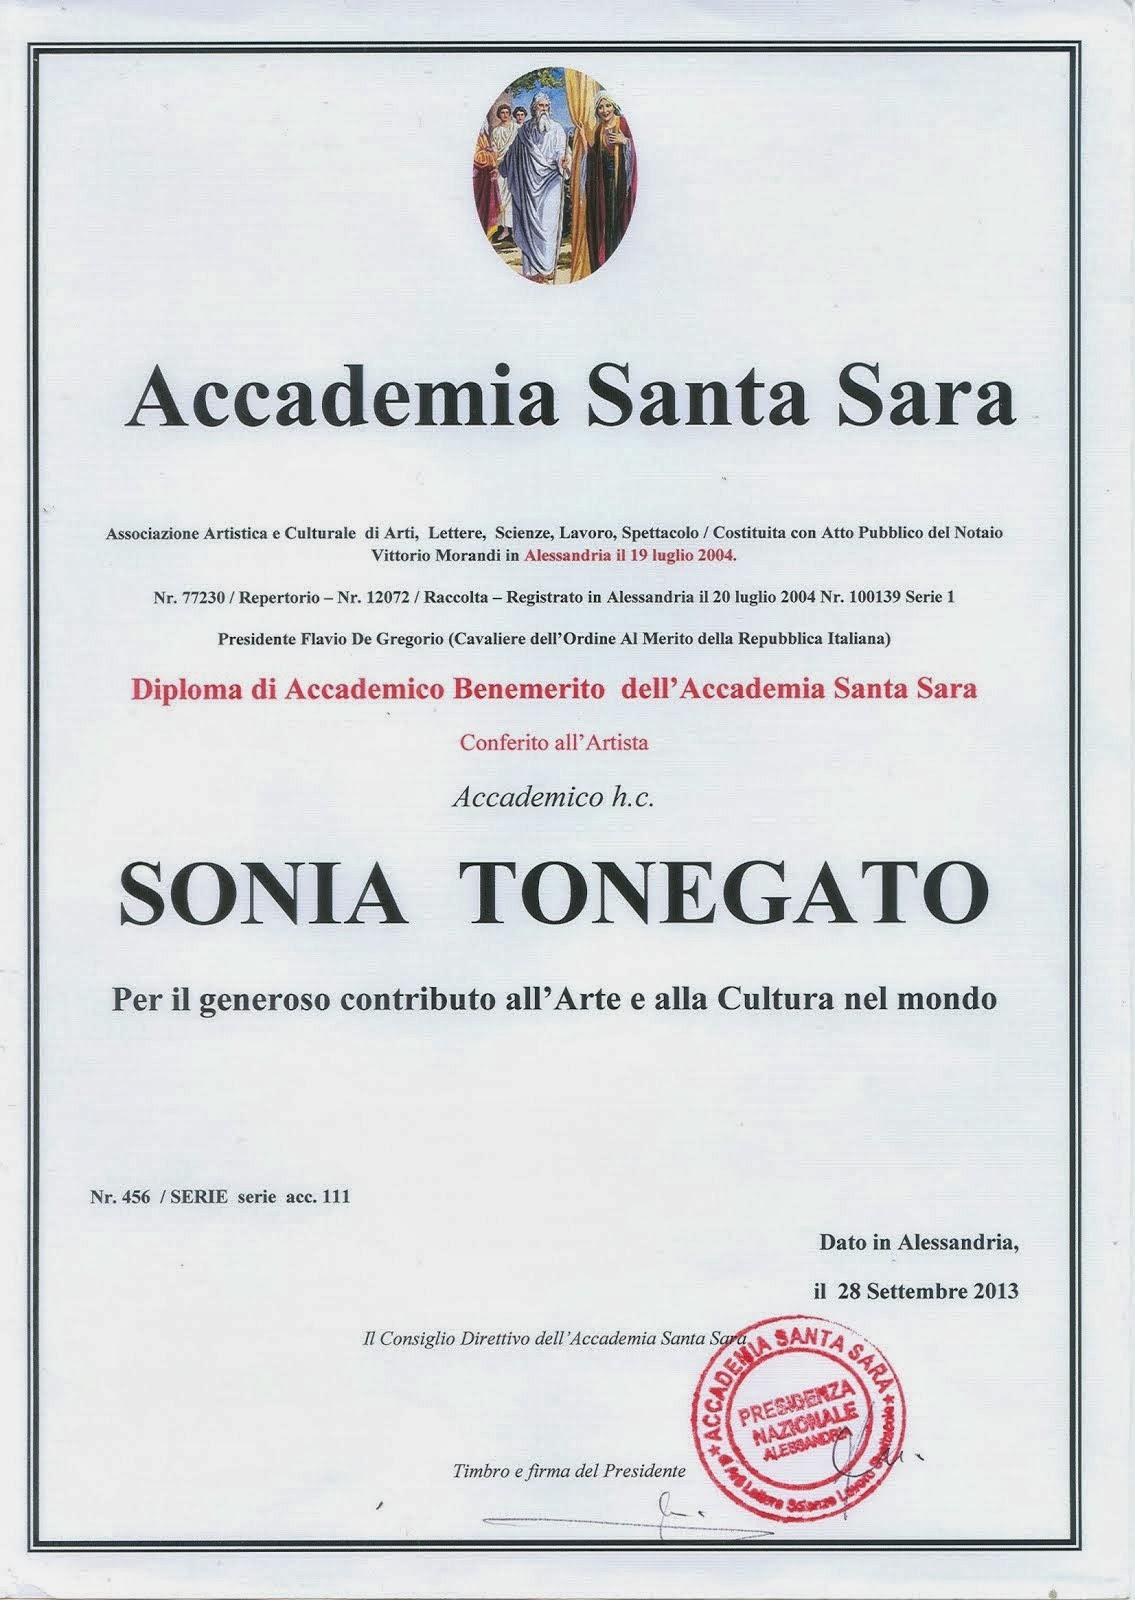 Anno 2013 - Diploma di Accademico Benemerito